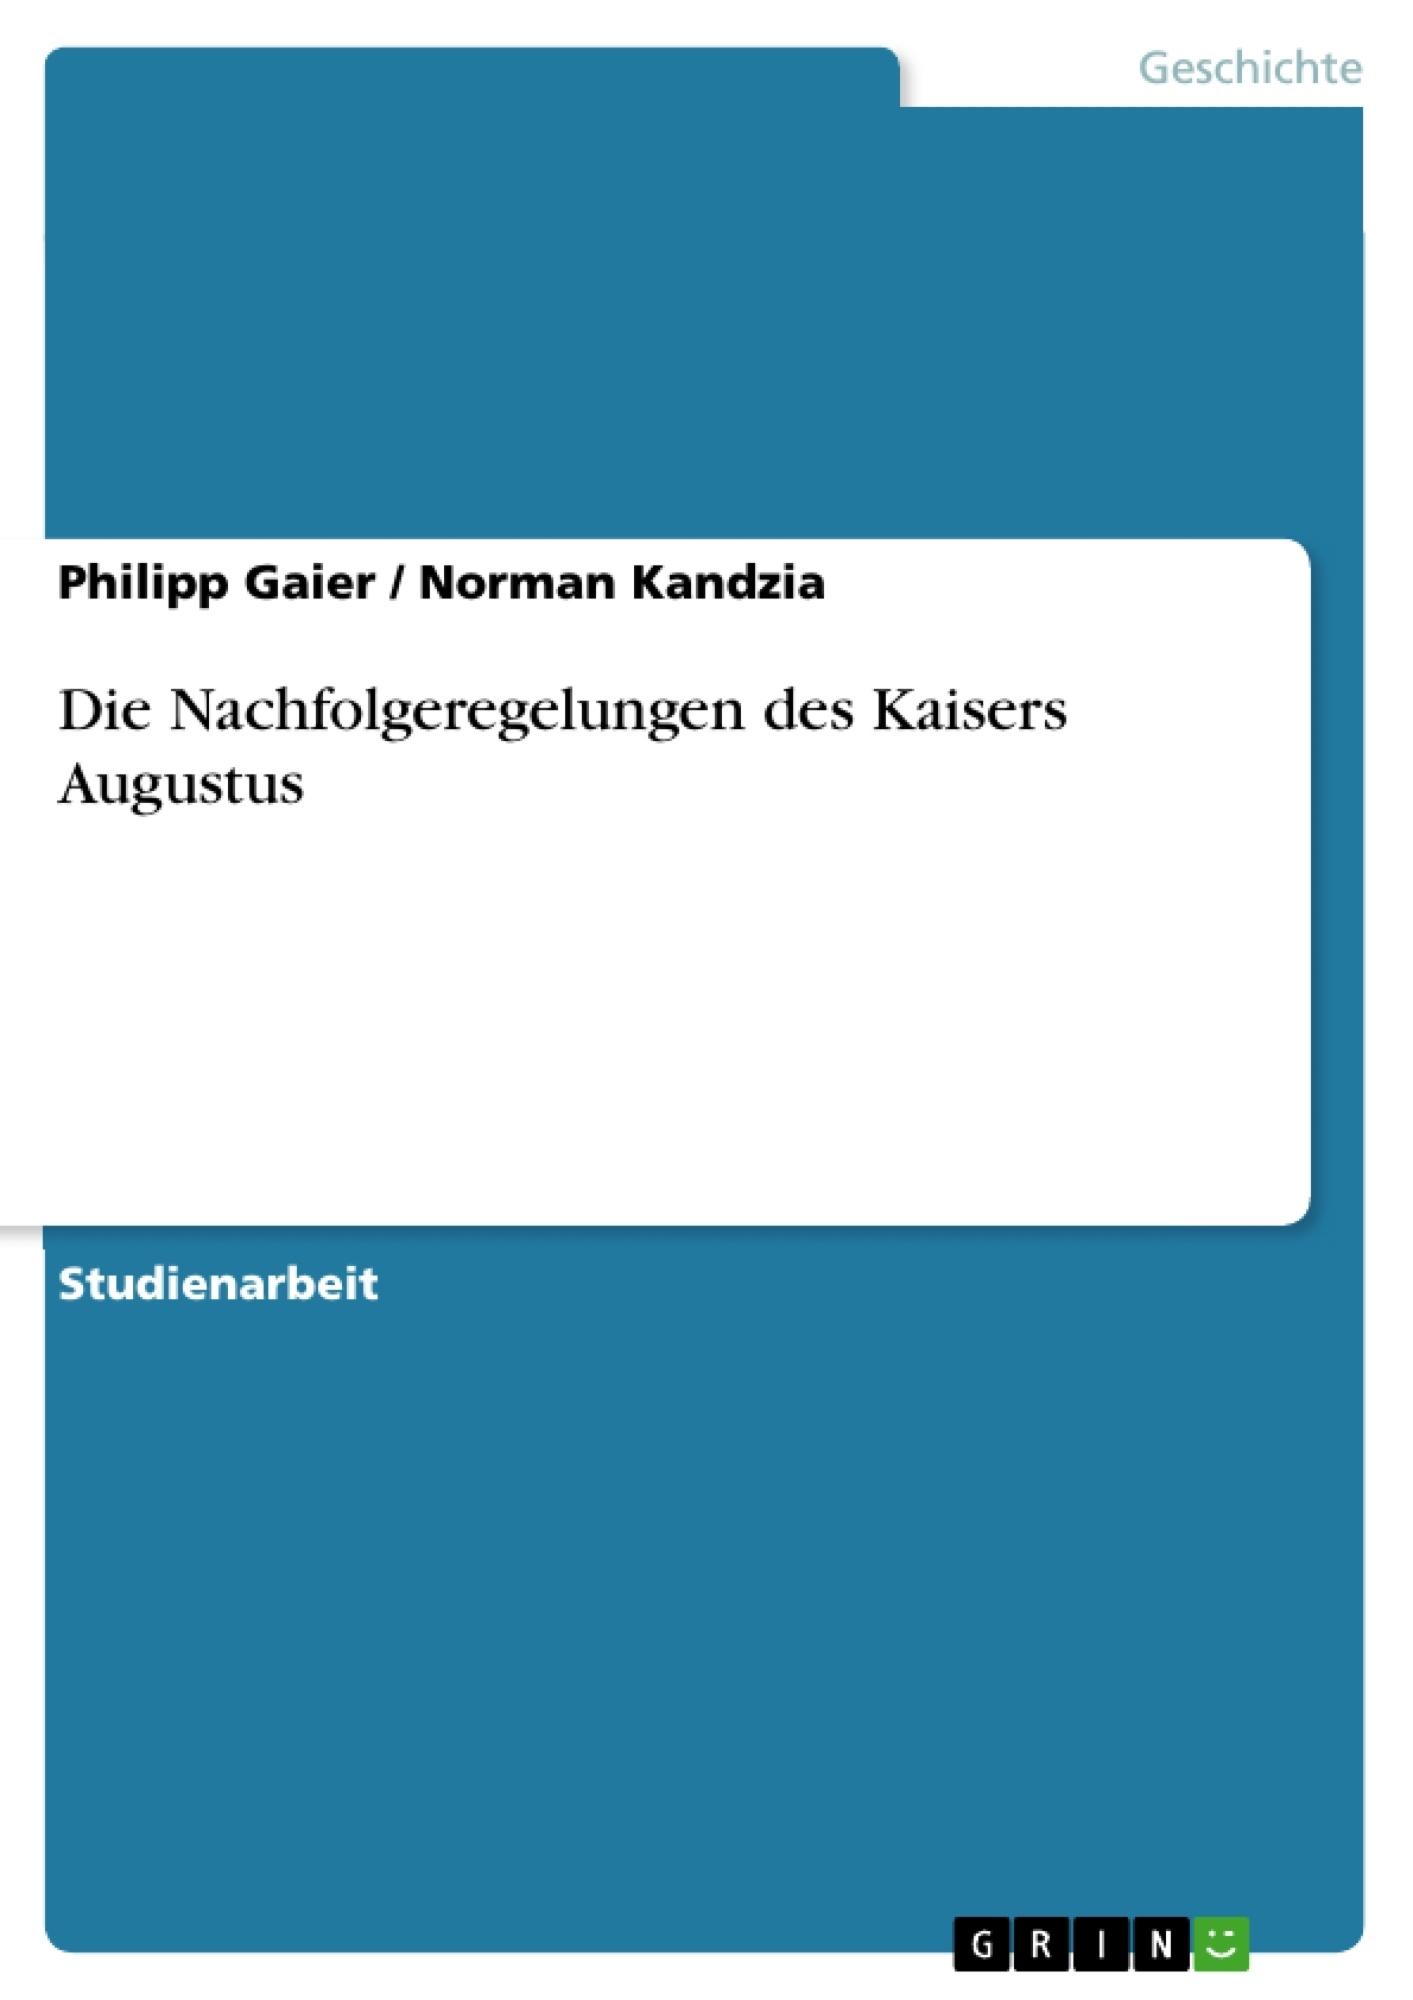 Titel: Die Nachfolgeregelungen des Kaisers Augustus